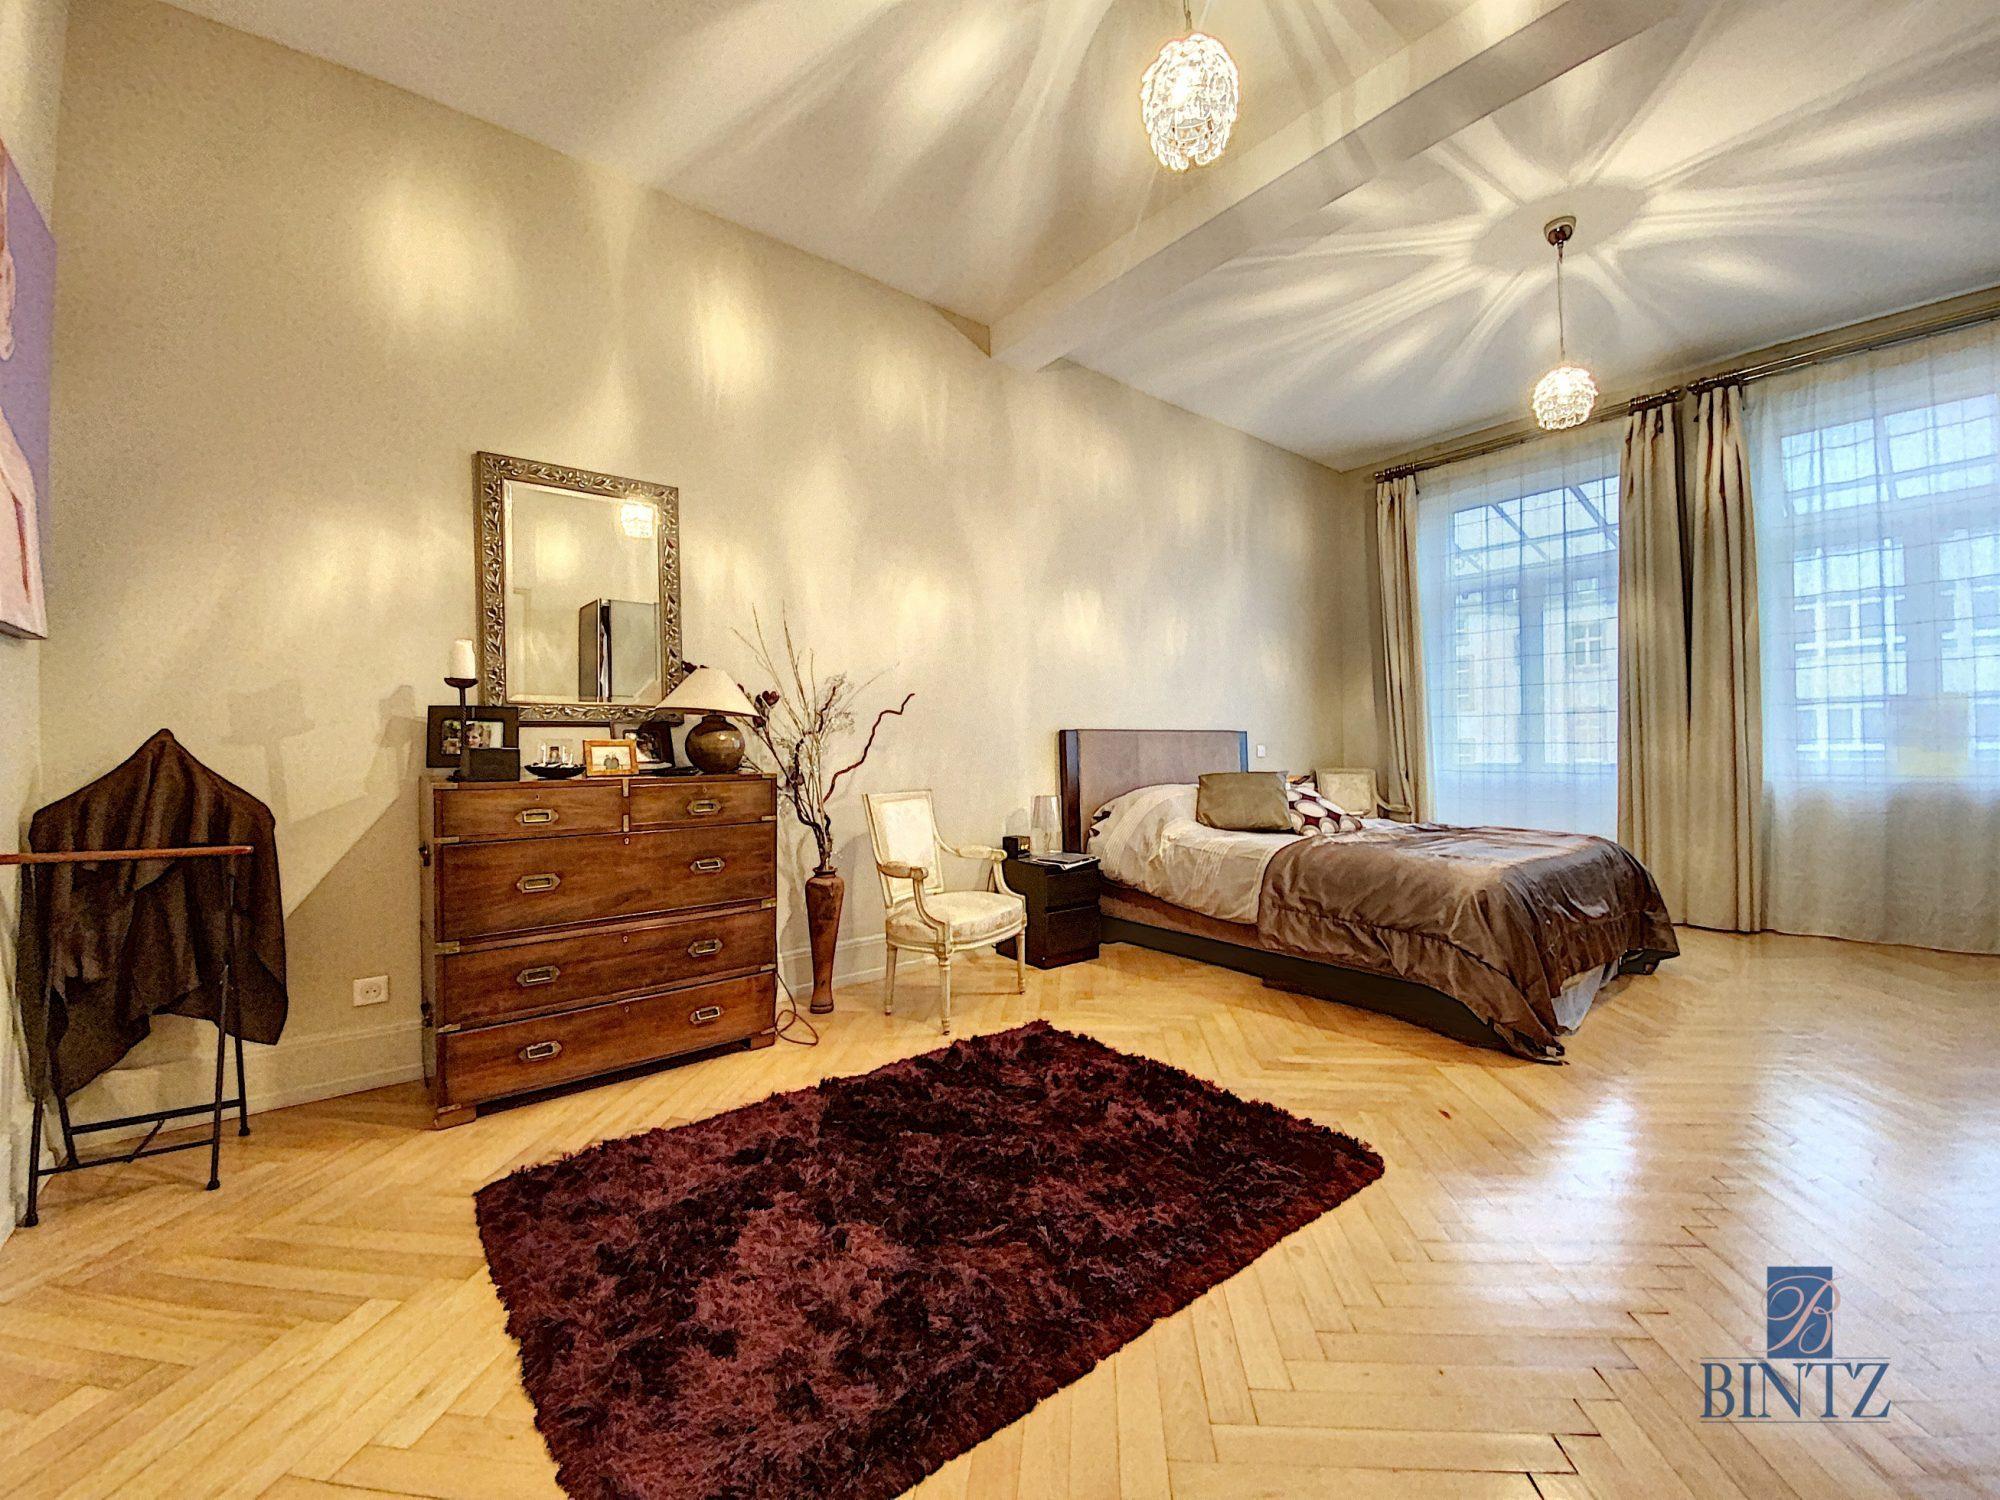 MAGNIFIQUE HOTEL PARTICULIER À STRASBOURG - Devenez propriétaire en toute confiance - Bintz Immobilier - 8